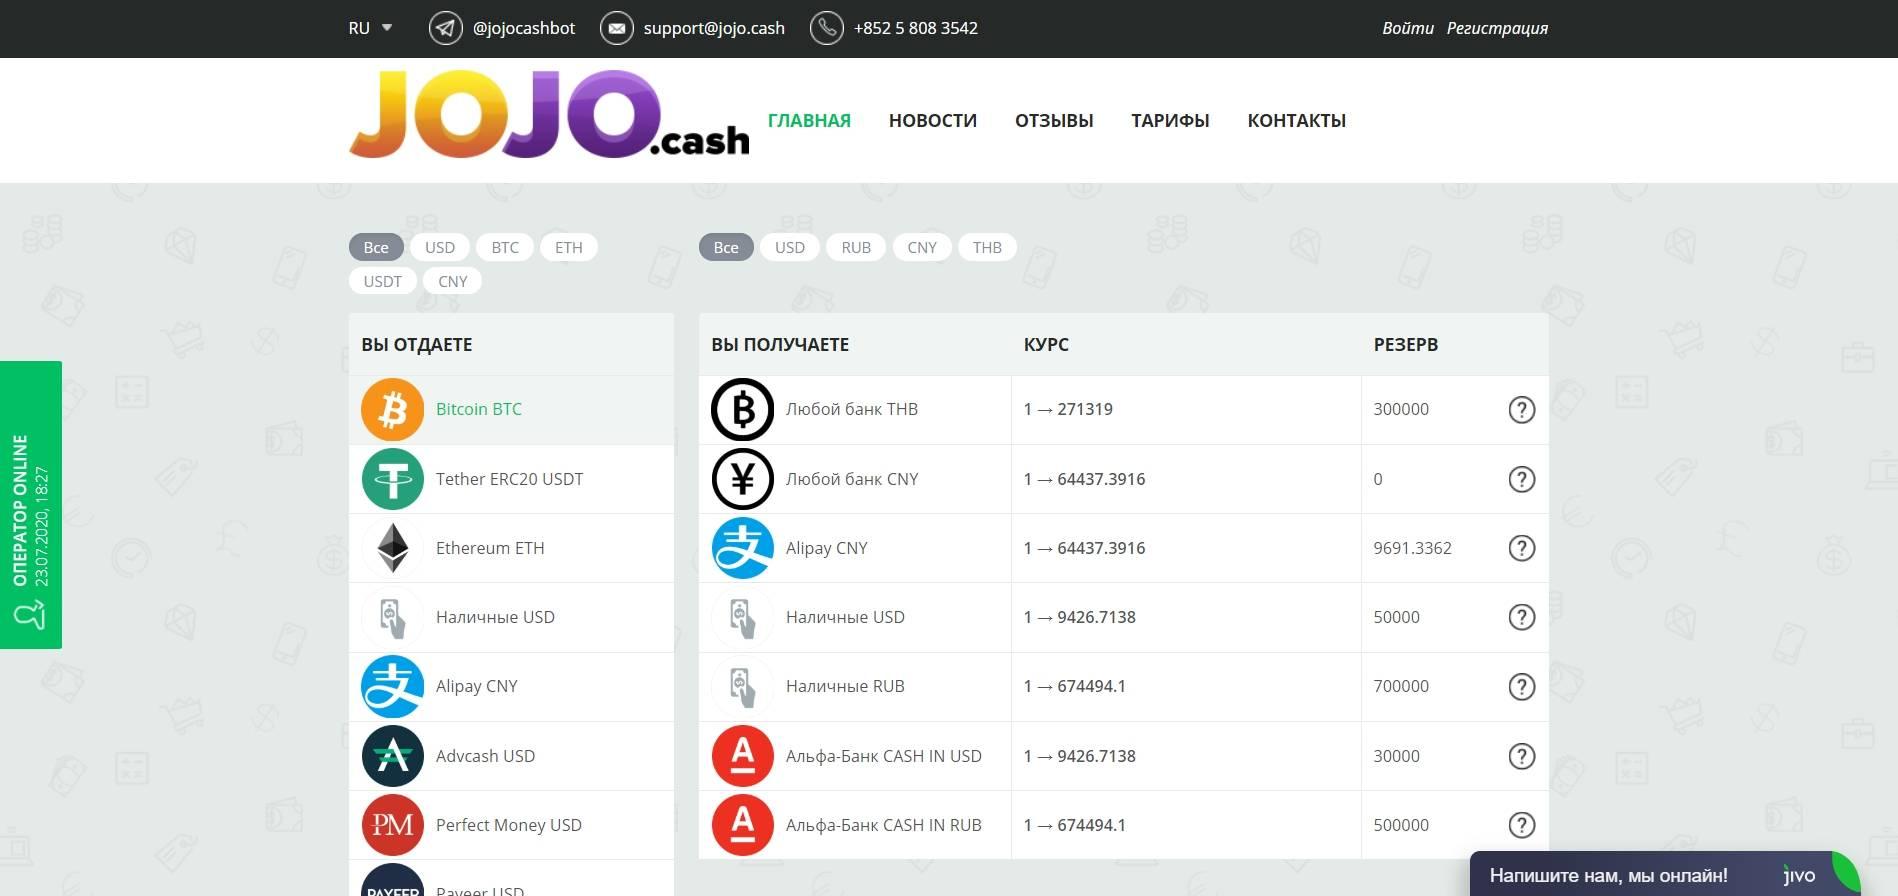 JoJo.cash